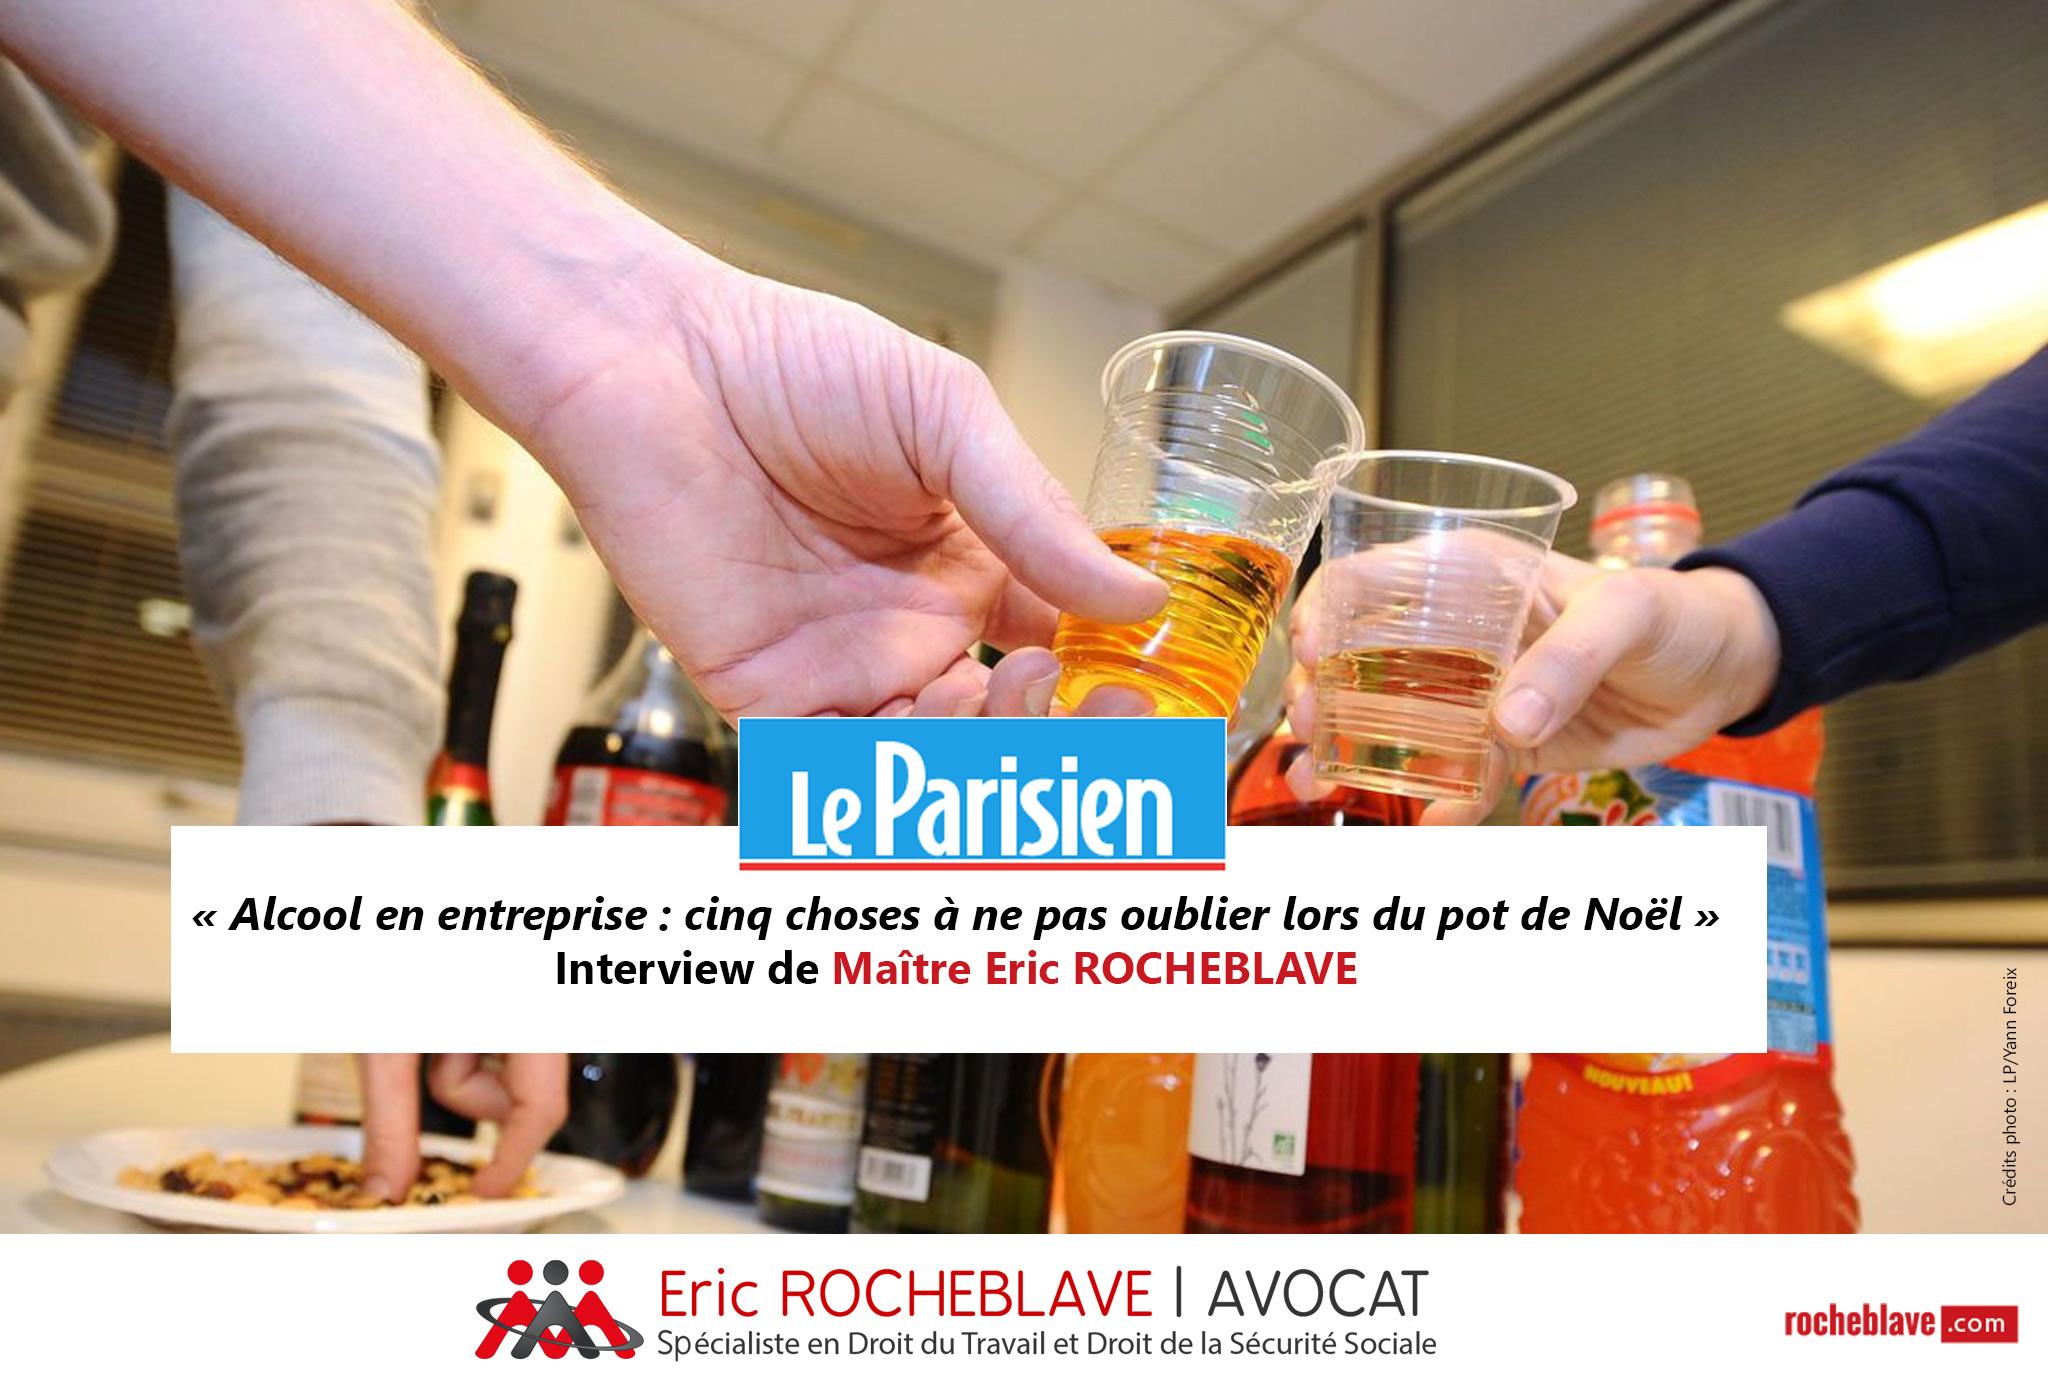 « Alcool en entreprise : cinq choses à ne pas oublier lors du pot de Noël » Interview de Maître Eric ROCHEBLAVE | Le Parisien